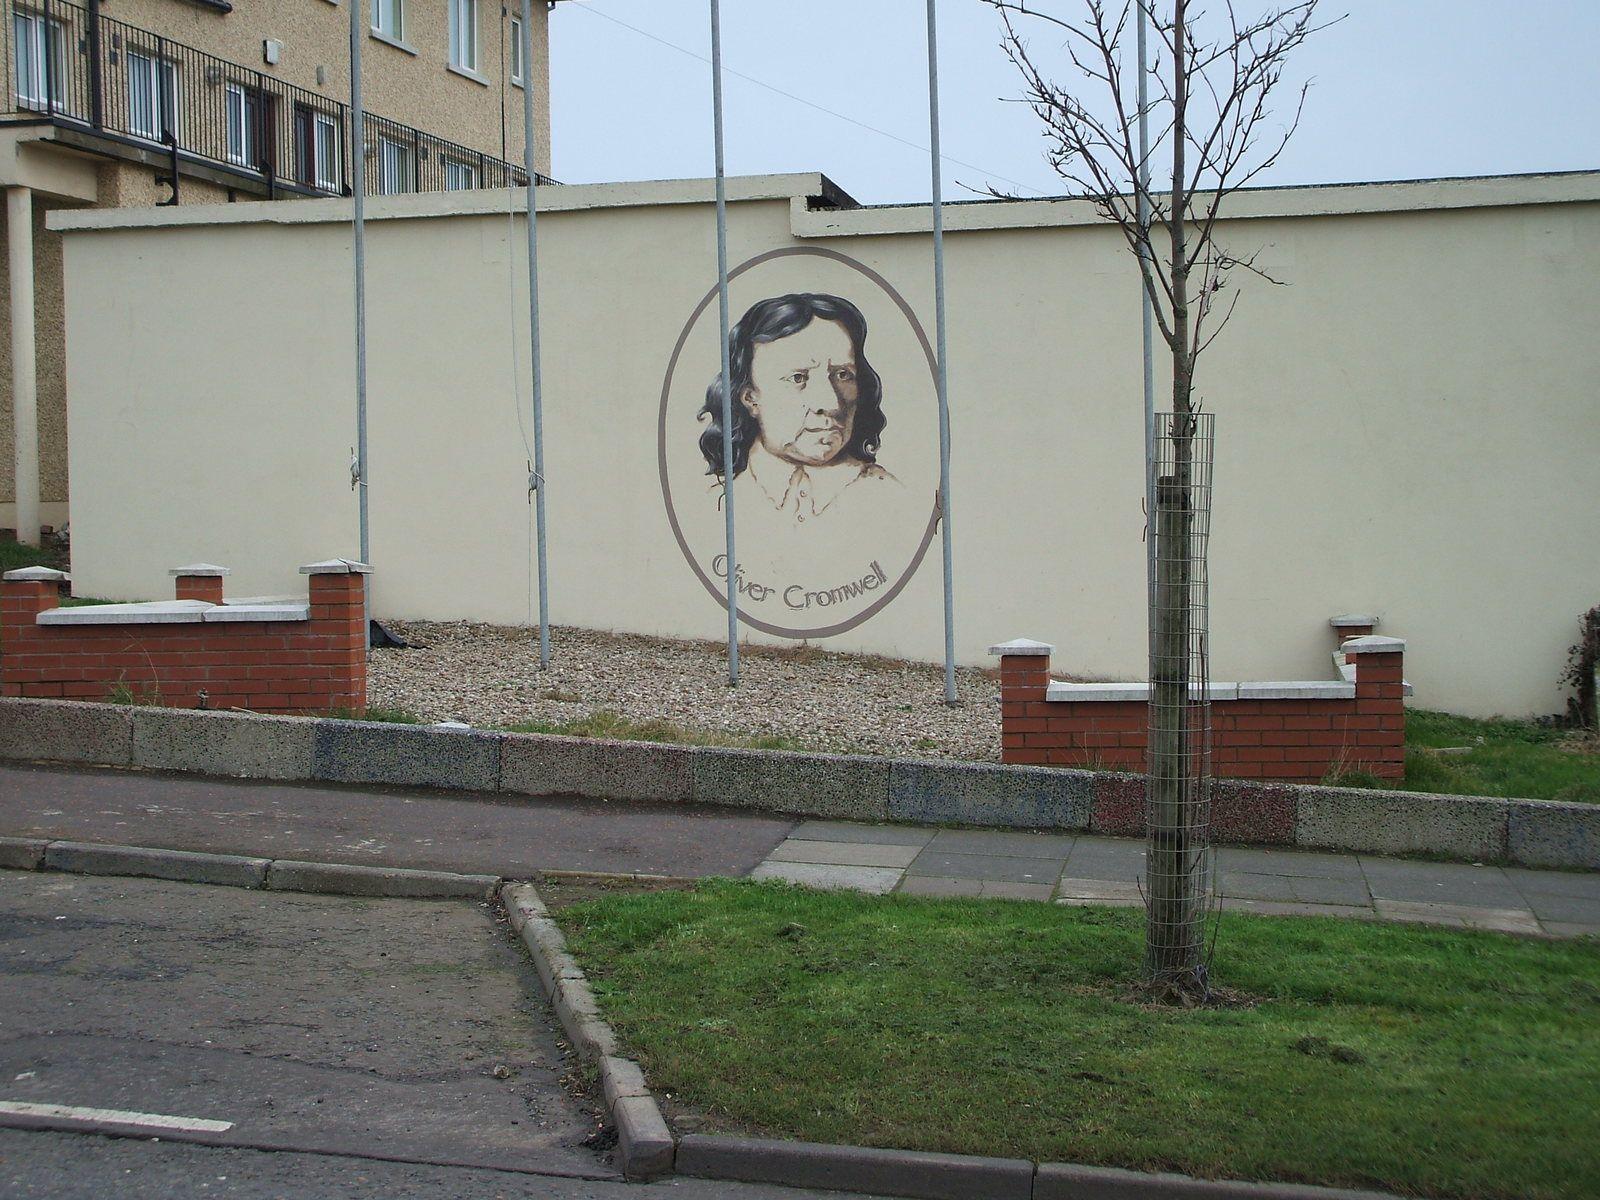 178) Linn Road, Larne